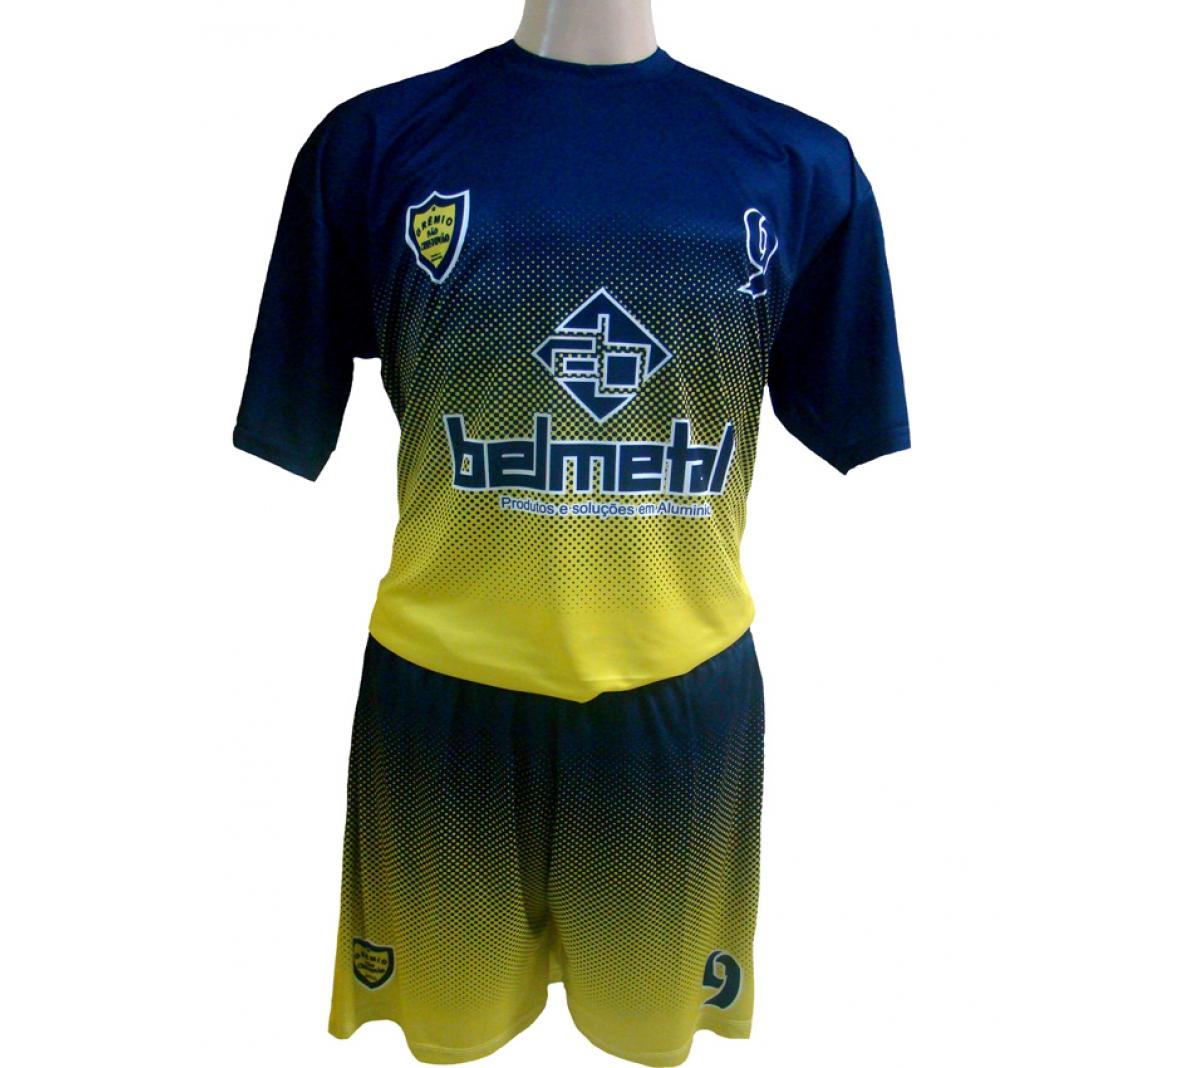 Camisa Modelo Barcelona Com Azul Amarelo Spenassatto Uniformes Qualidade Em Uniformes De Futebol